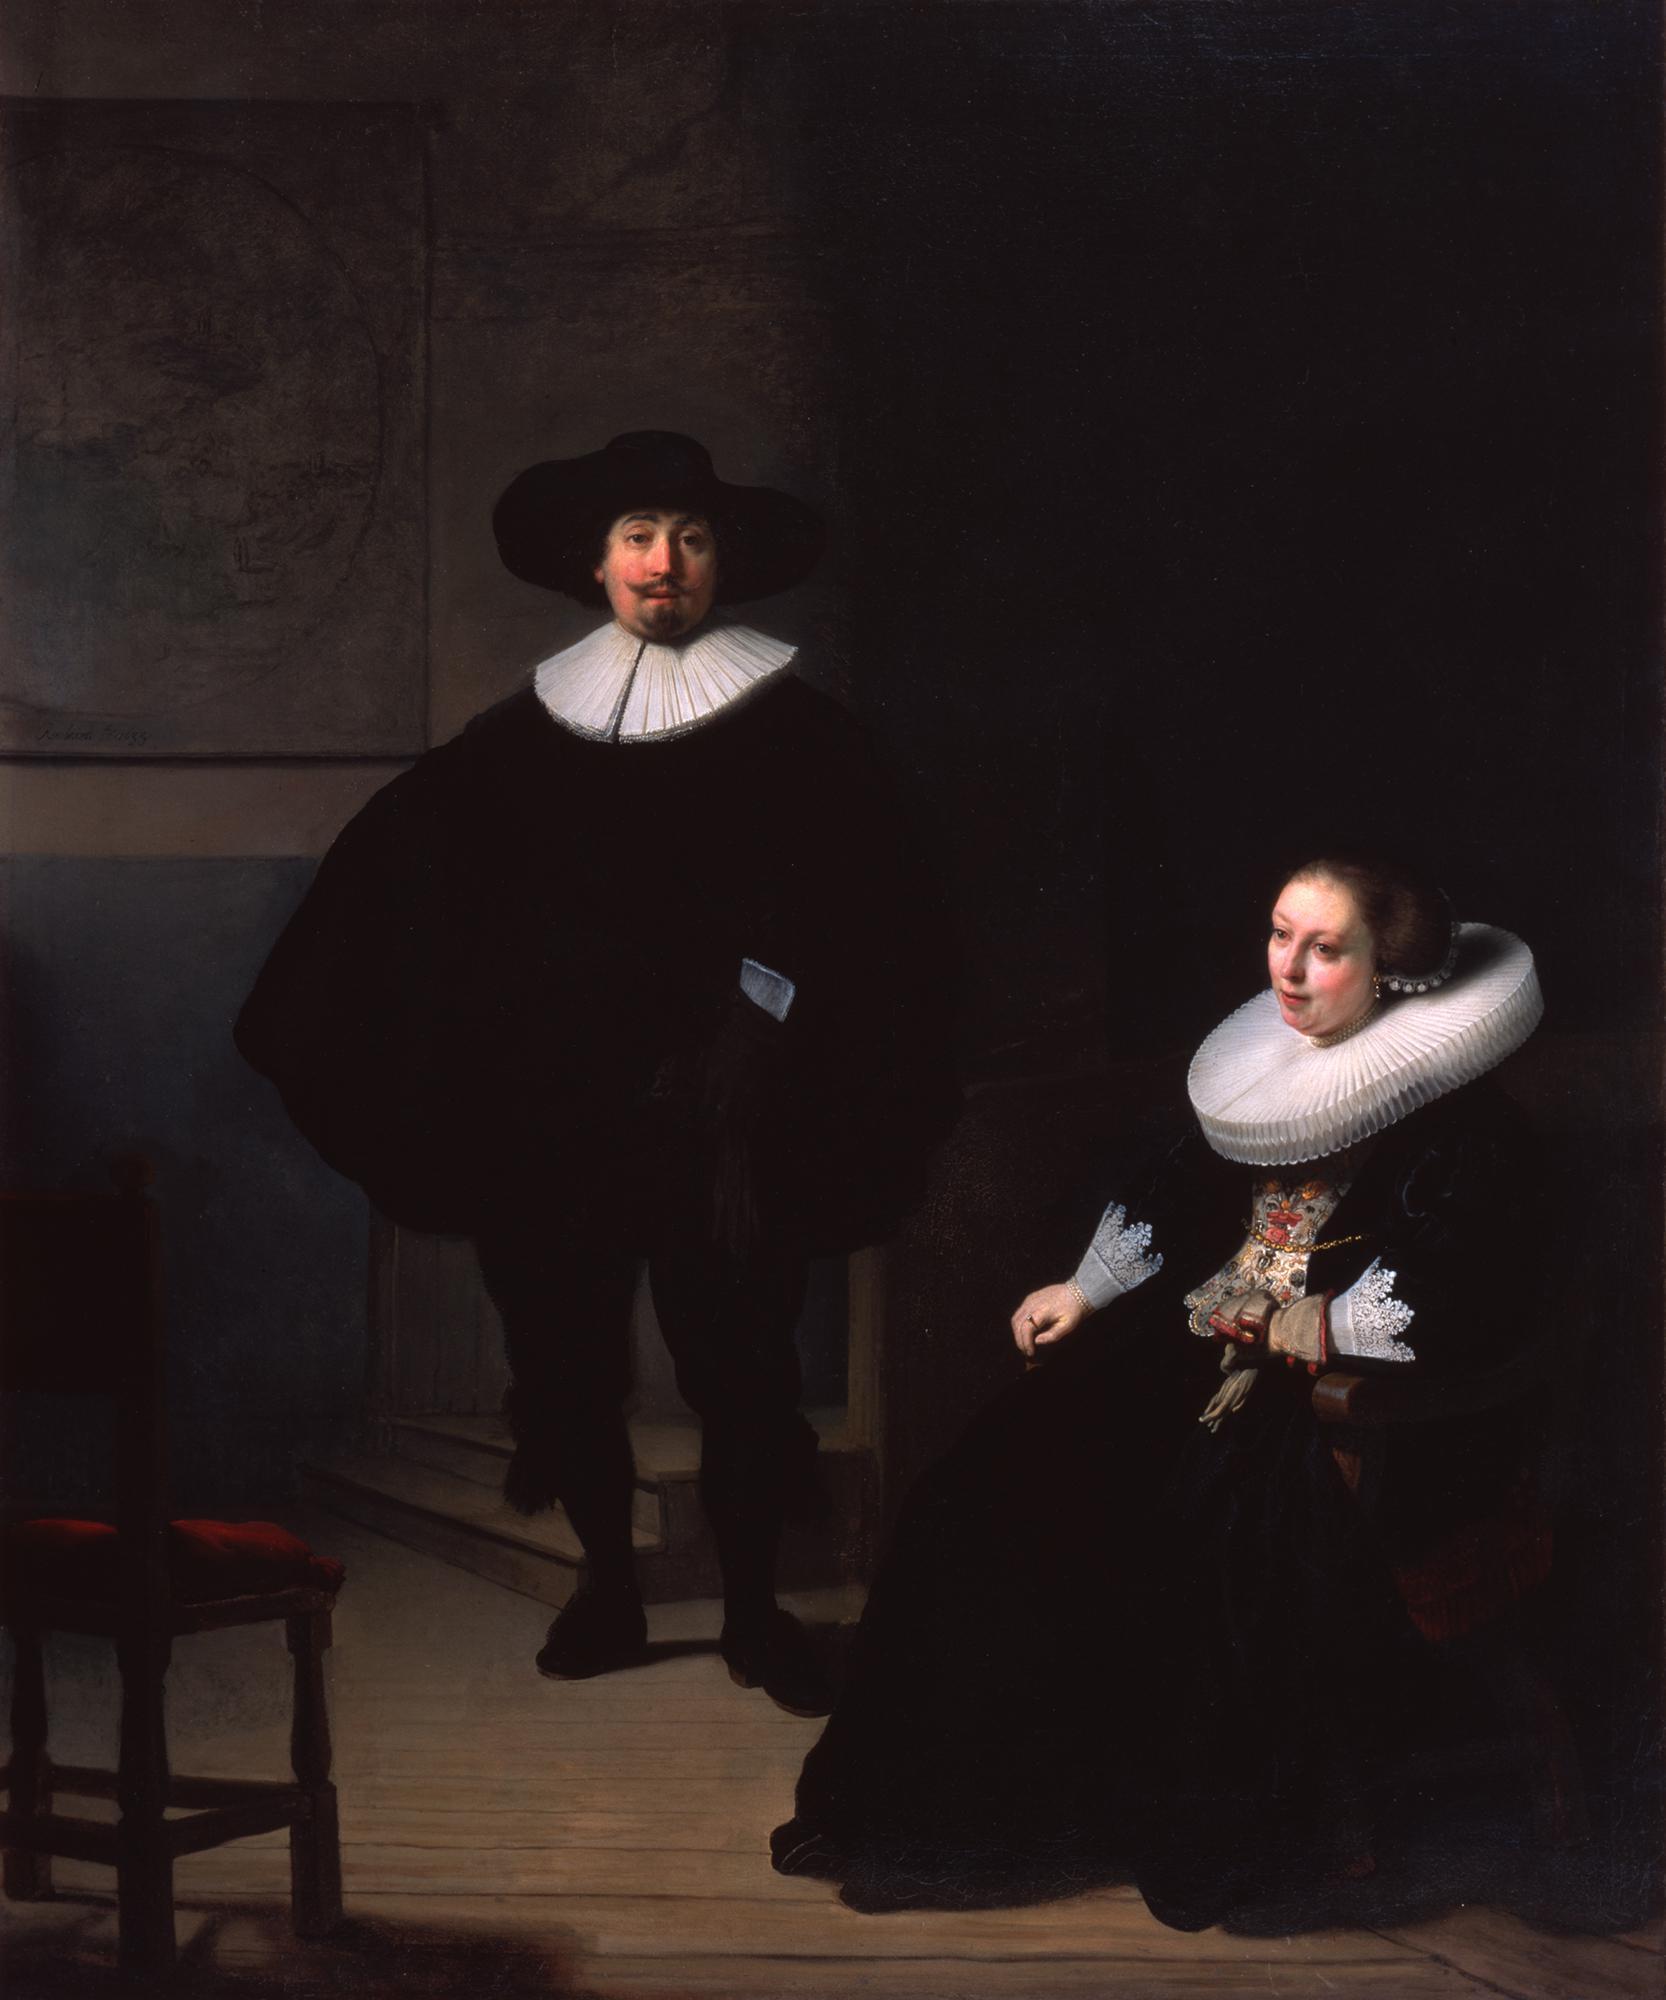 Ο πίνακας του Ρέμπραντ «Κύριος και κυρία στα μαύρα», Πηγή: Isabella Stewart Gardner Museum